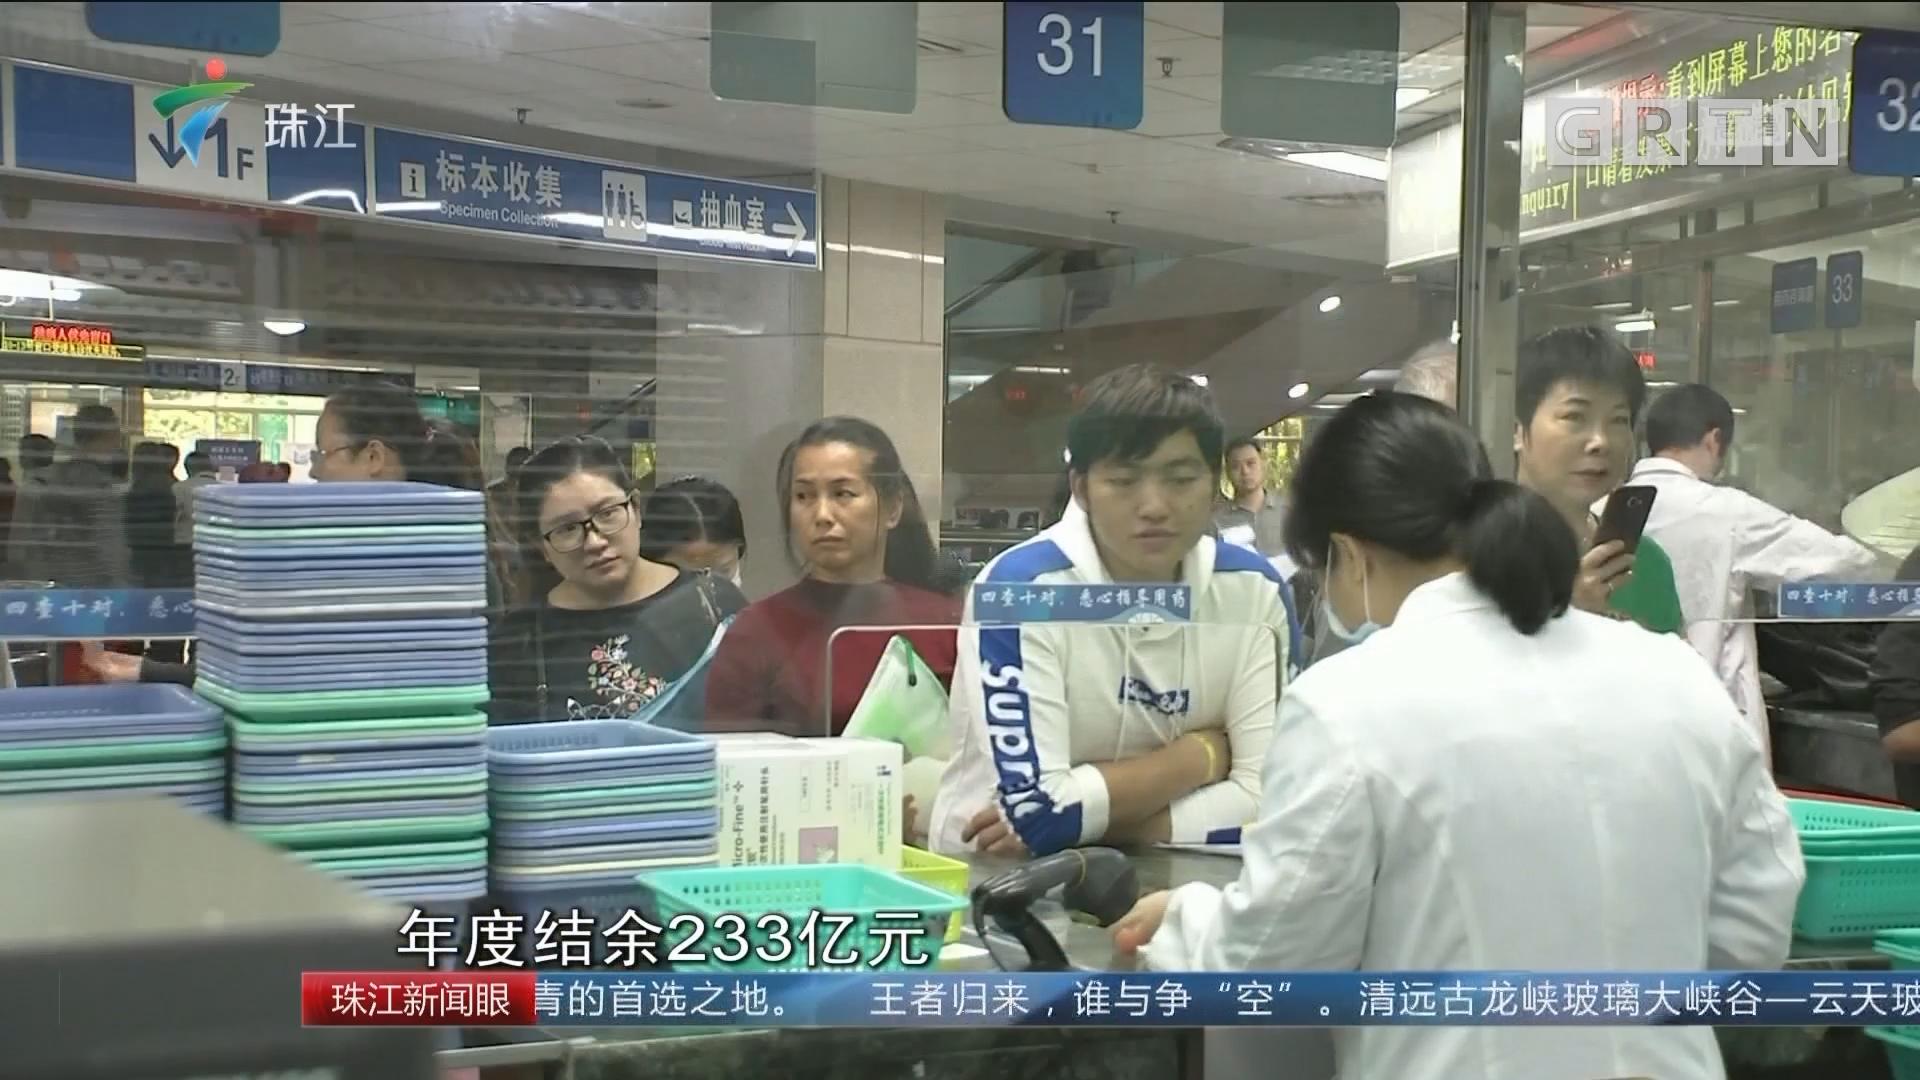 广东:打击欺诈骗医保 维护基金安全